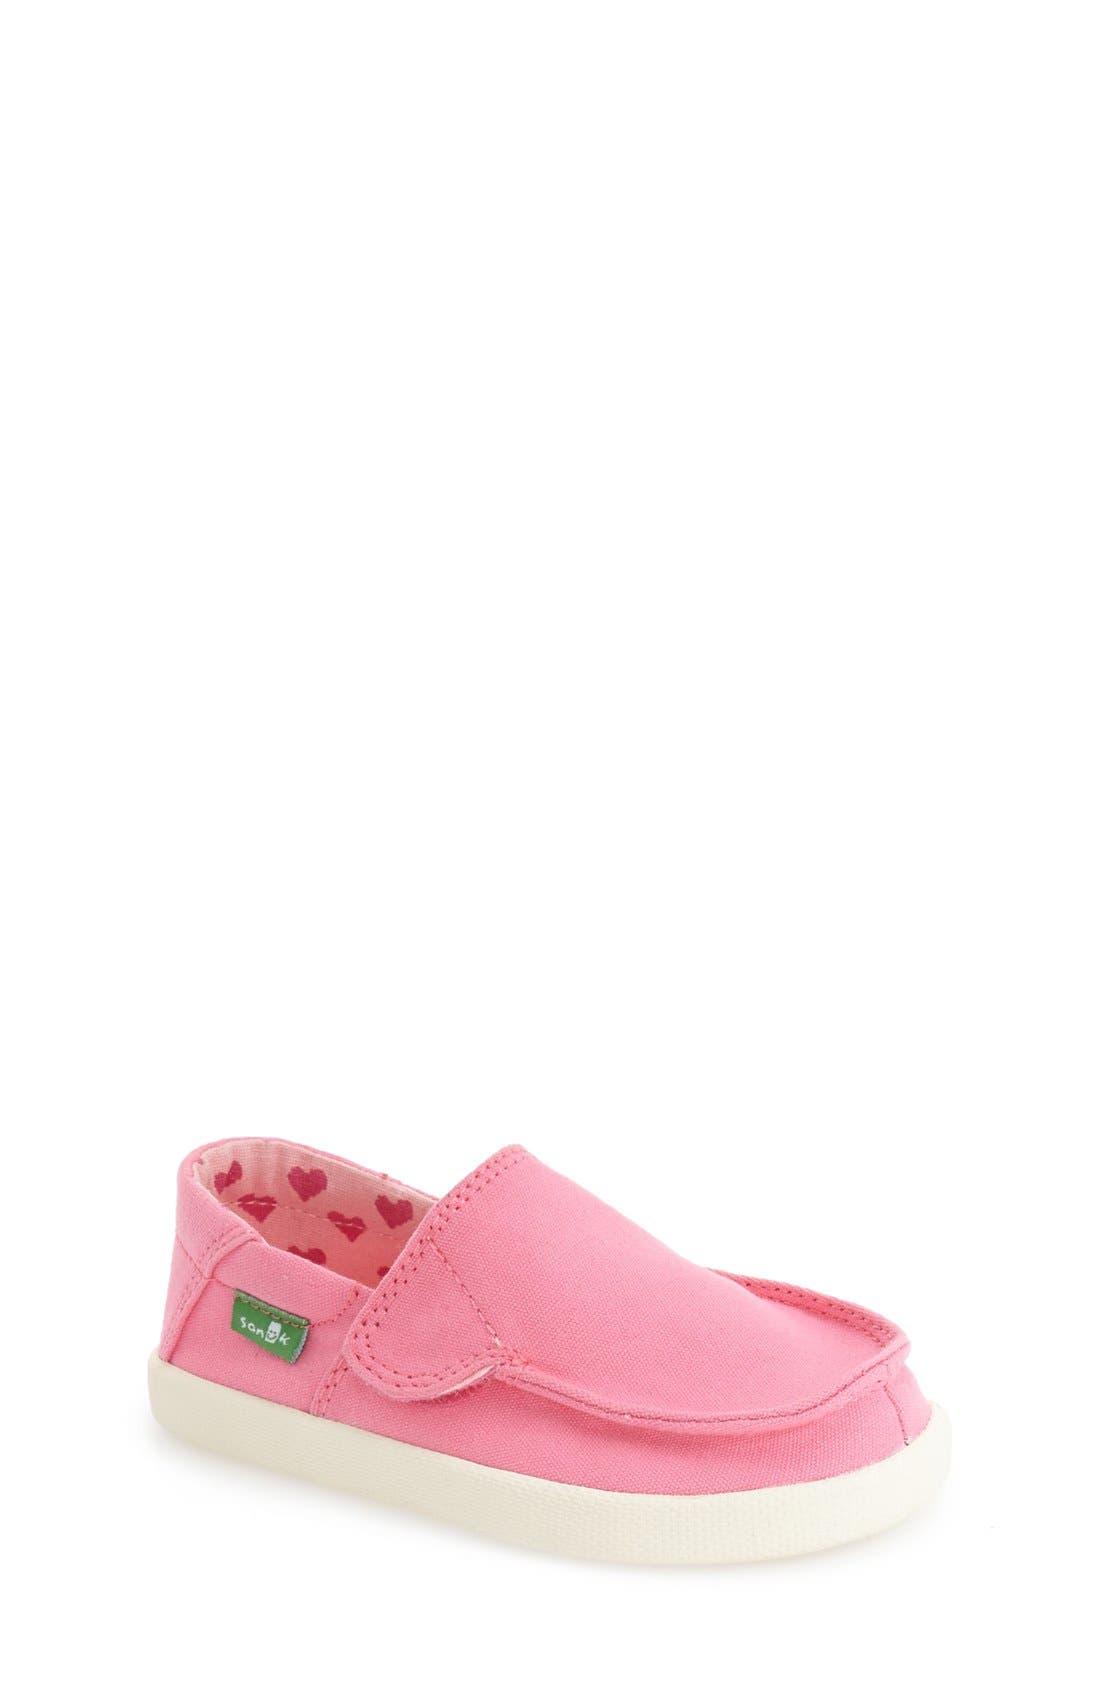 SANUK 'Sideskip' Slip-On Sneaker